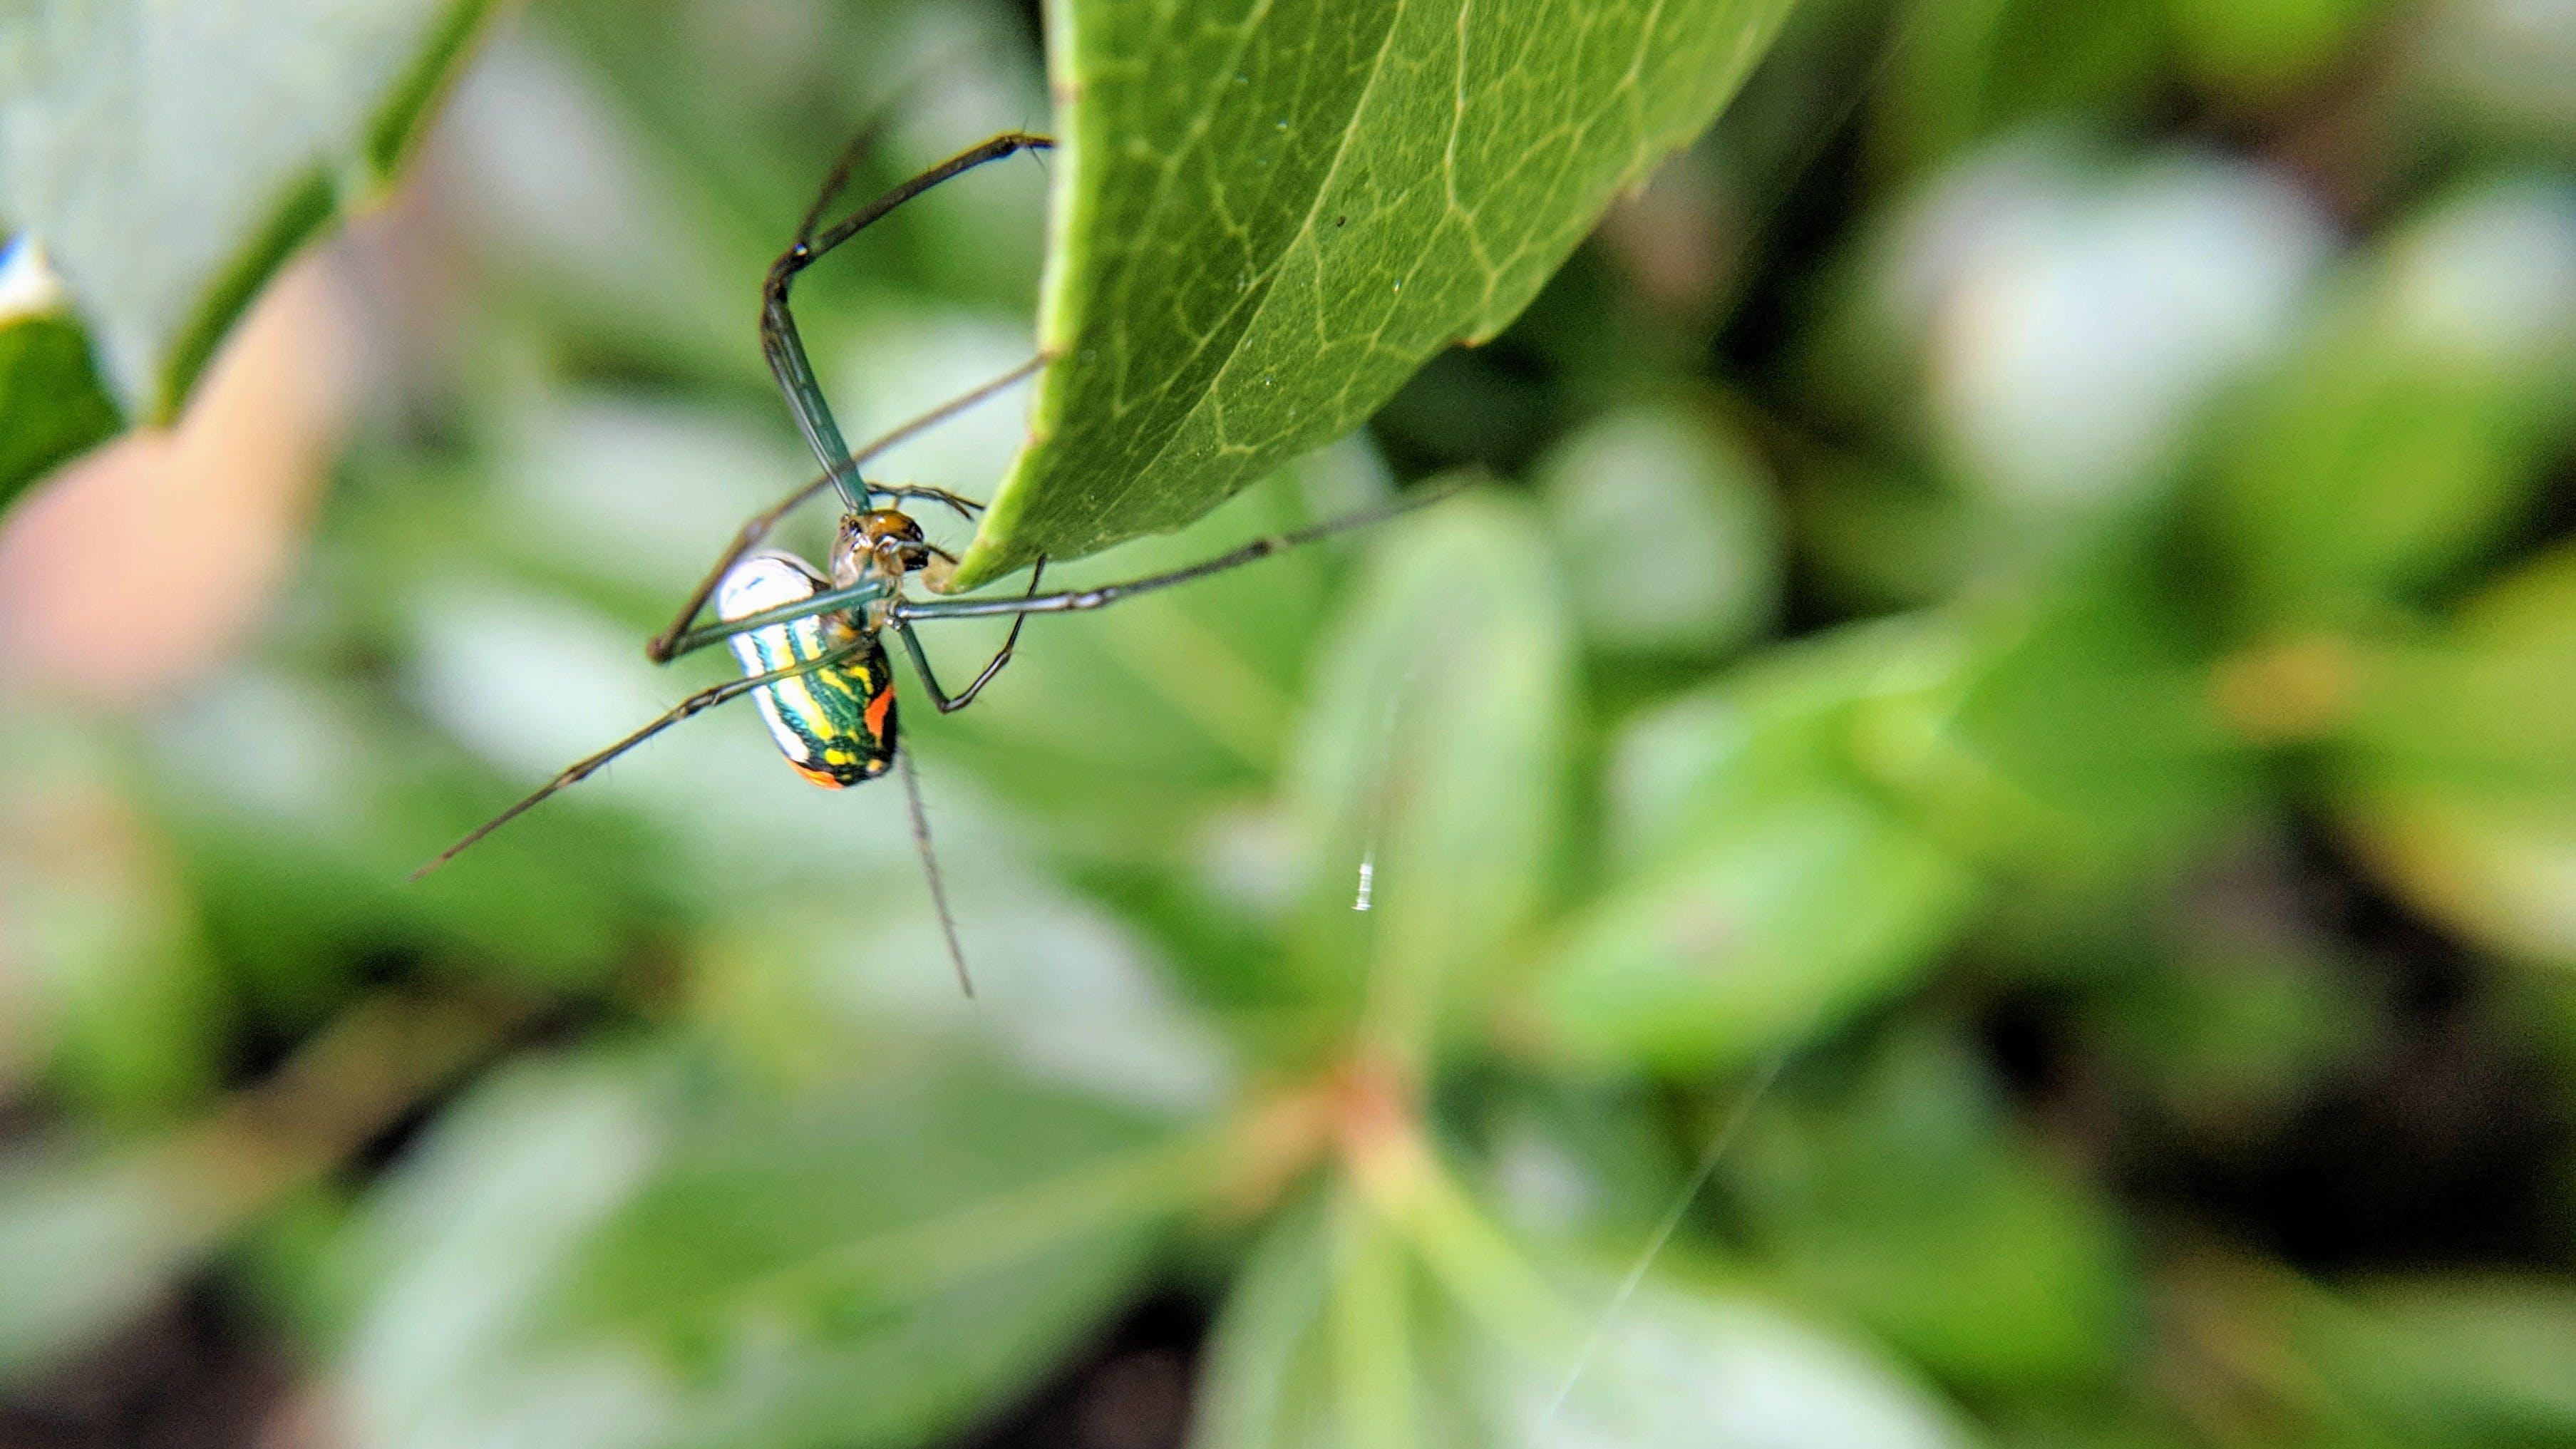 Free stock photo of arachnid, bug, bugs, close up